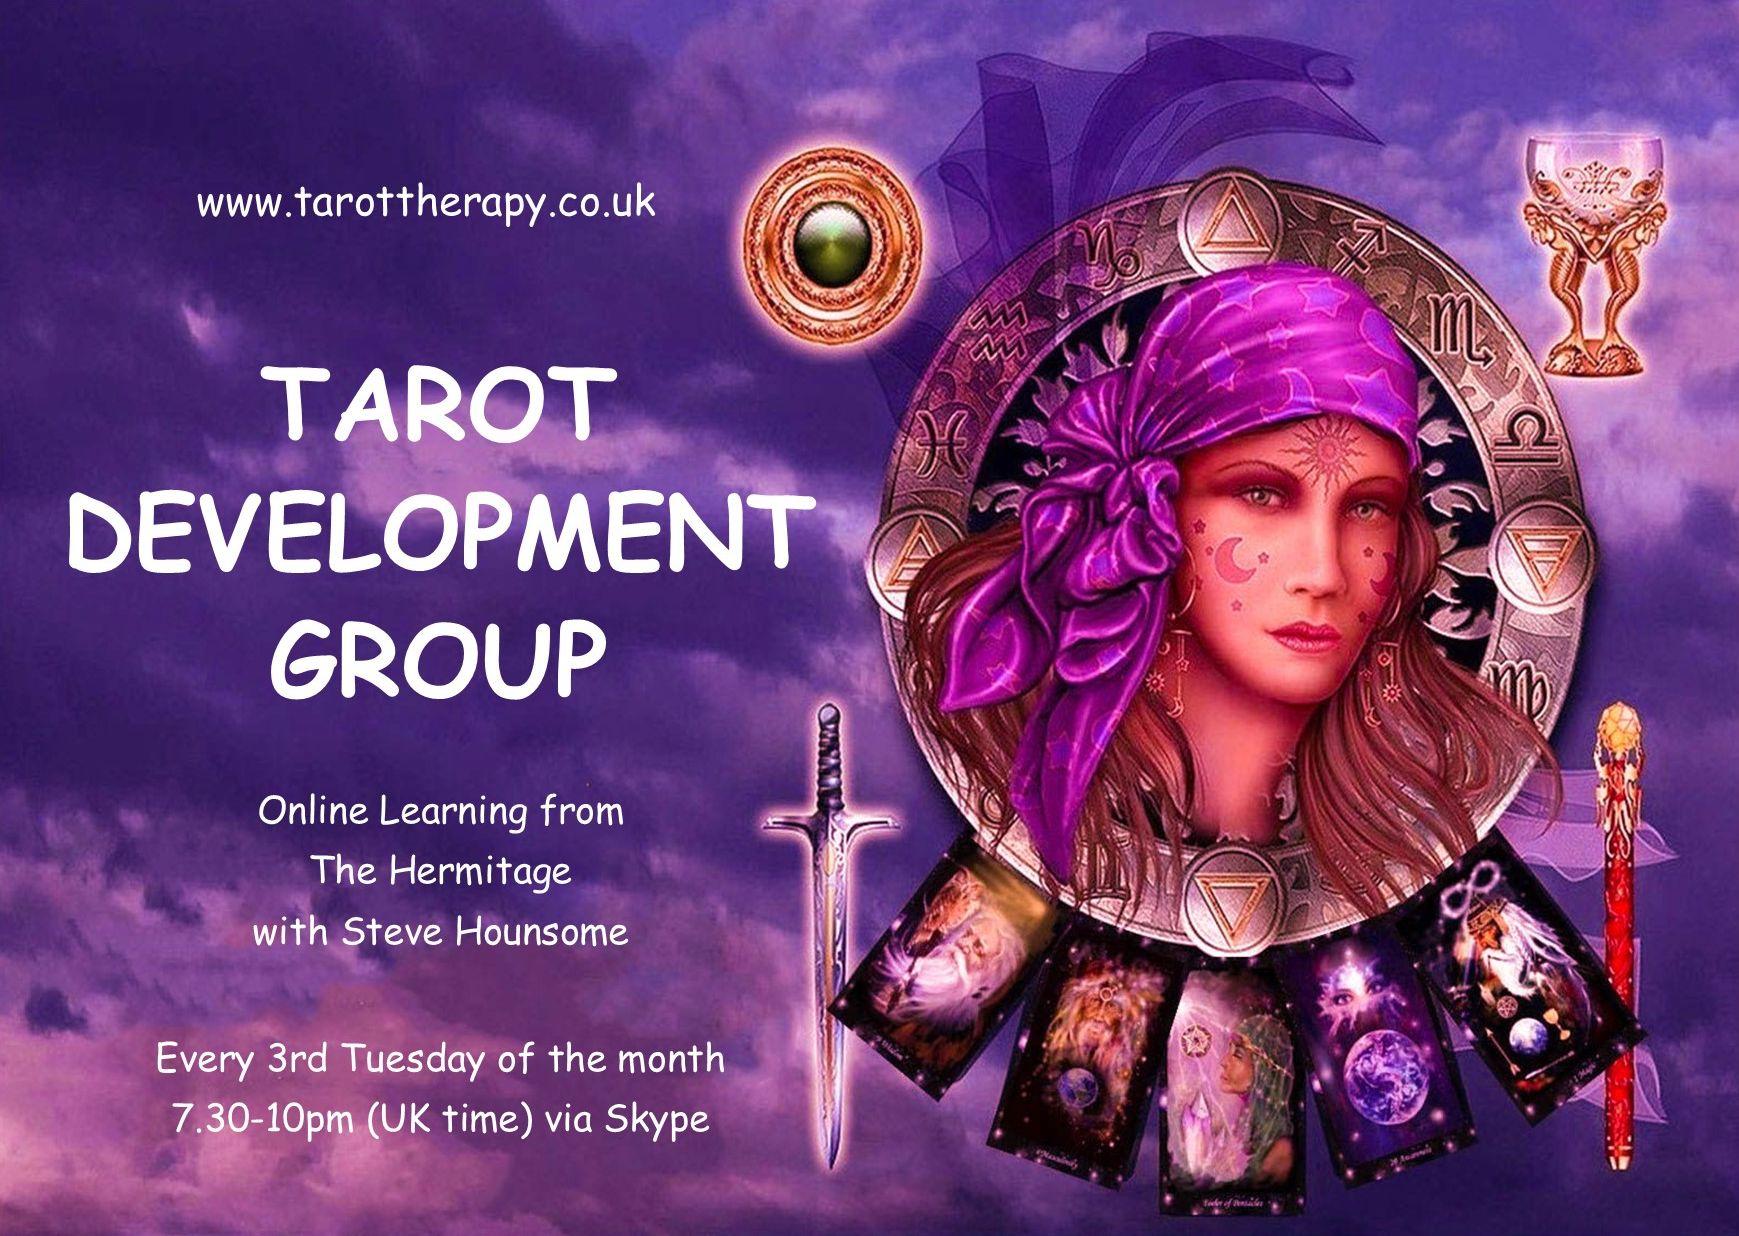 Tarot Development Group with Steve Hounsome - Exploring Self Development Through Tarot!